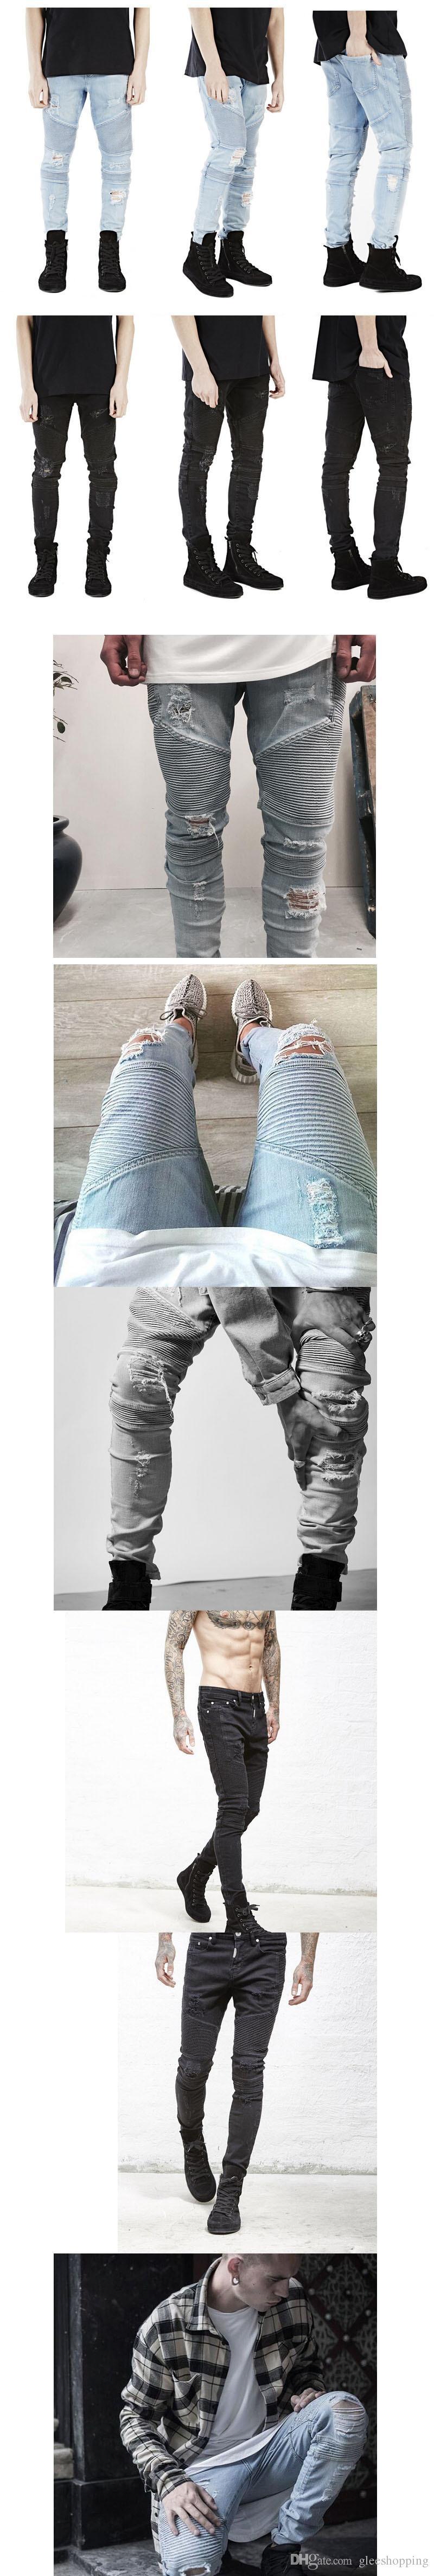 Новые Известные Брендовые Мужские Джинсы Узкие Плюс Размер Disel Дизайн Тонкий Прямой Жан Мужской Разорвал Джинсовые Брюки Поддельные Дизайнерская Одежда